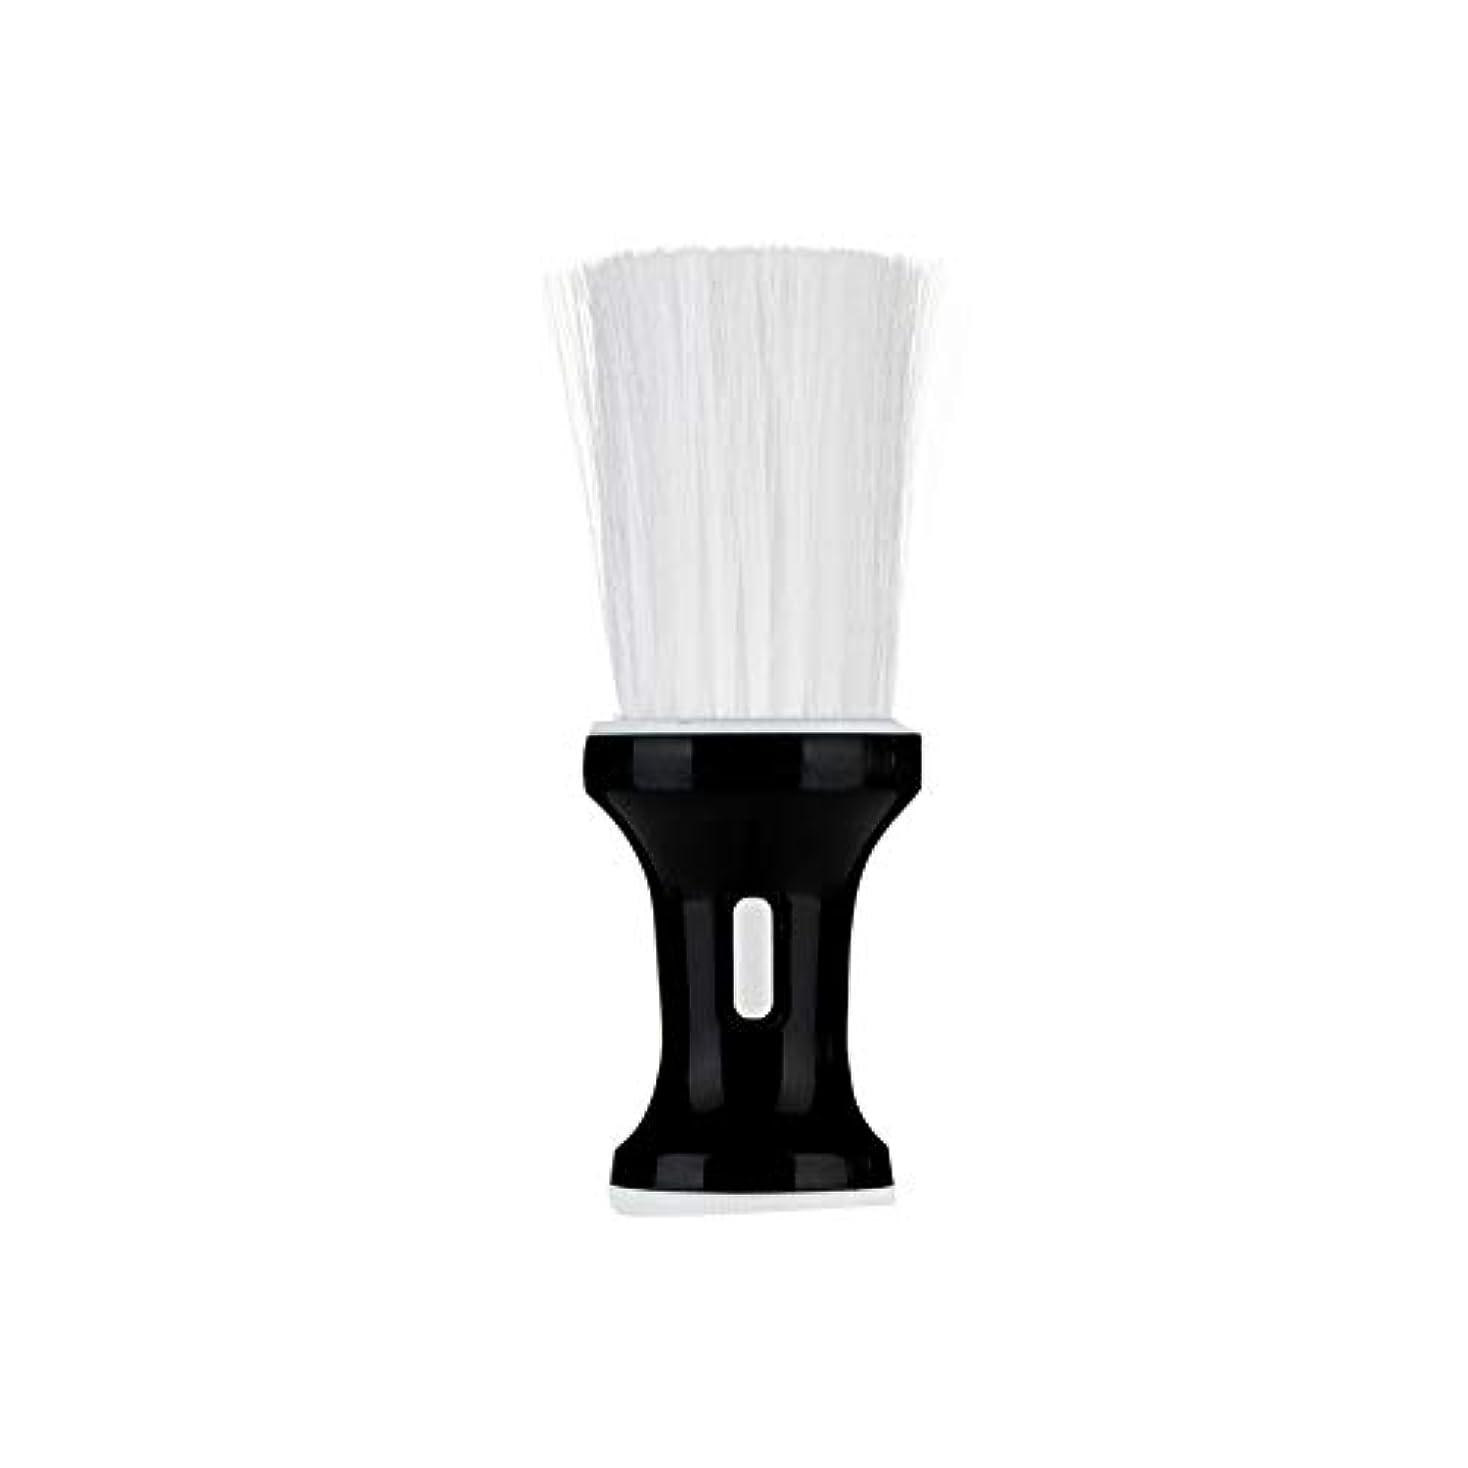 ポテト指標モットー壊れた首ダスターブラシ散髪理髪脱毛パッケージの毛のブラシヘアブラシの毛は黒、特殊なブラシで、プロのクリーニングをカット